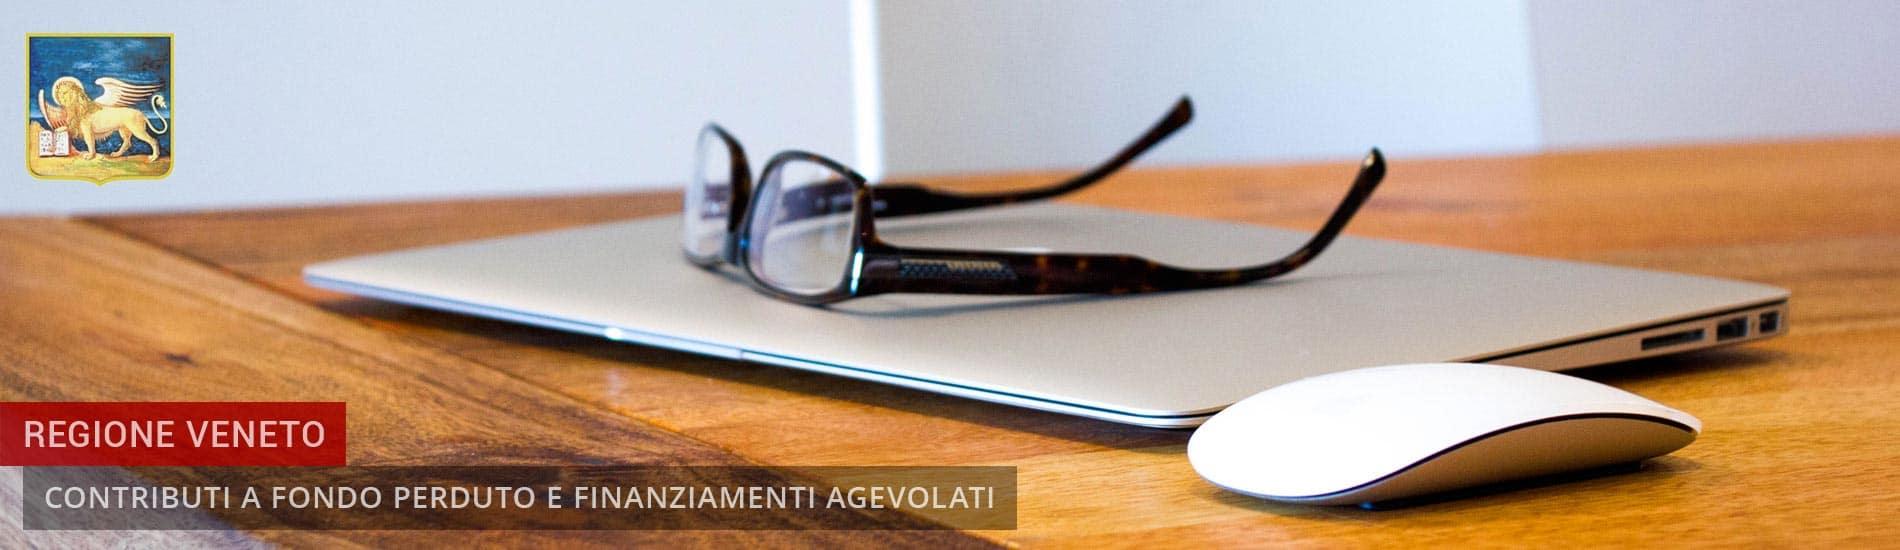 Regione Veneto: Bandi Contributi a fondo perduto e Finanziamenti agevolati